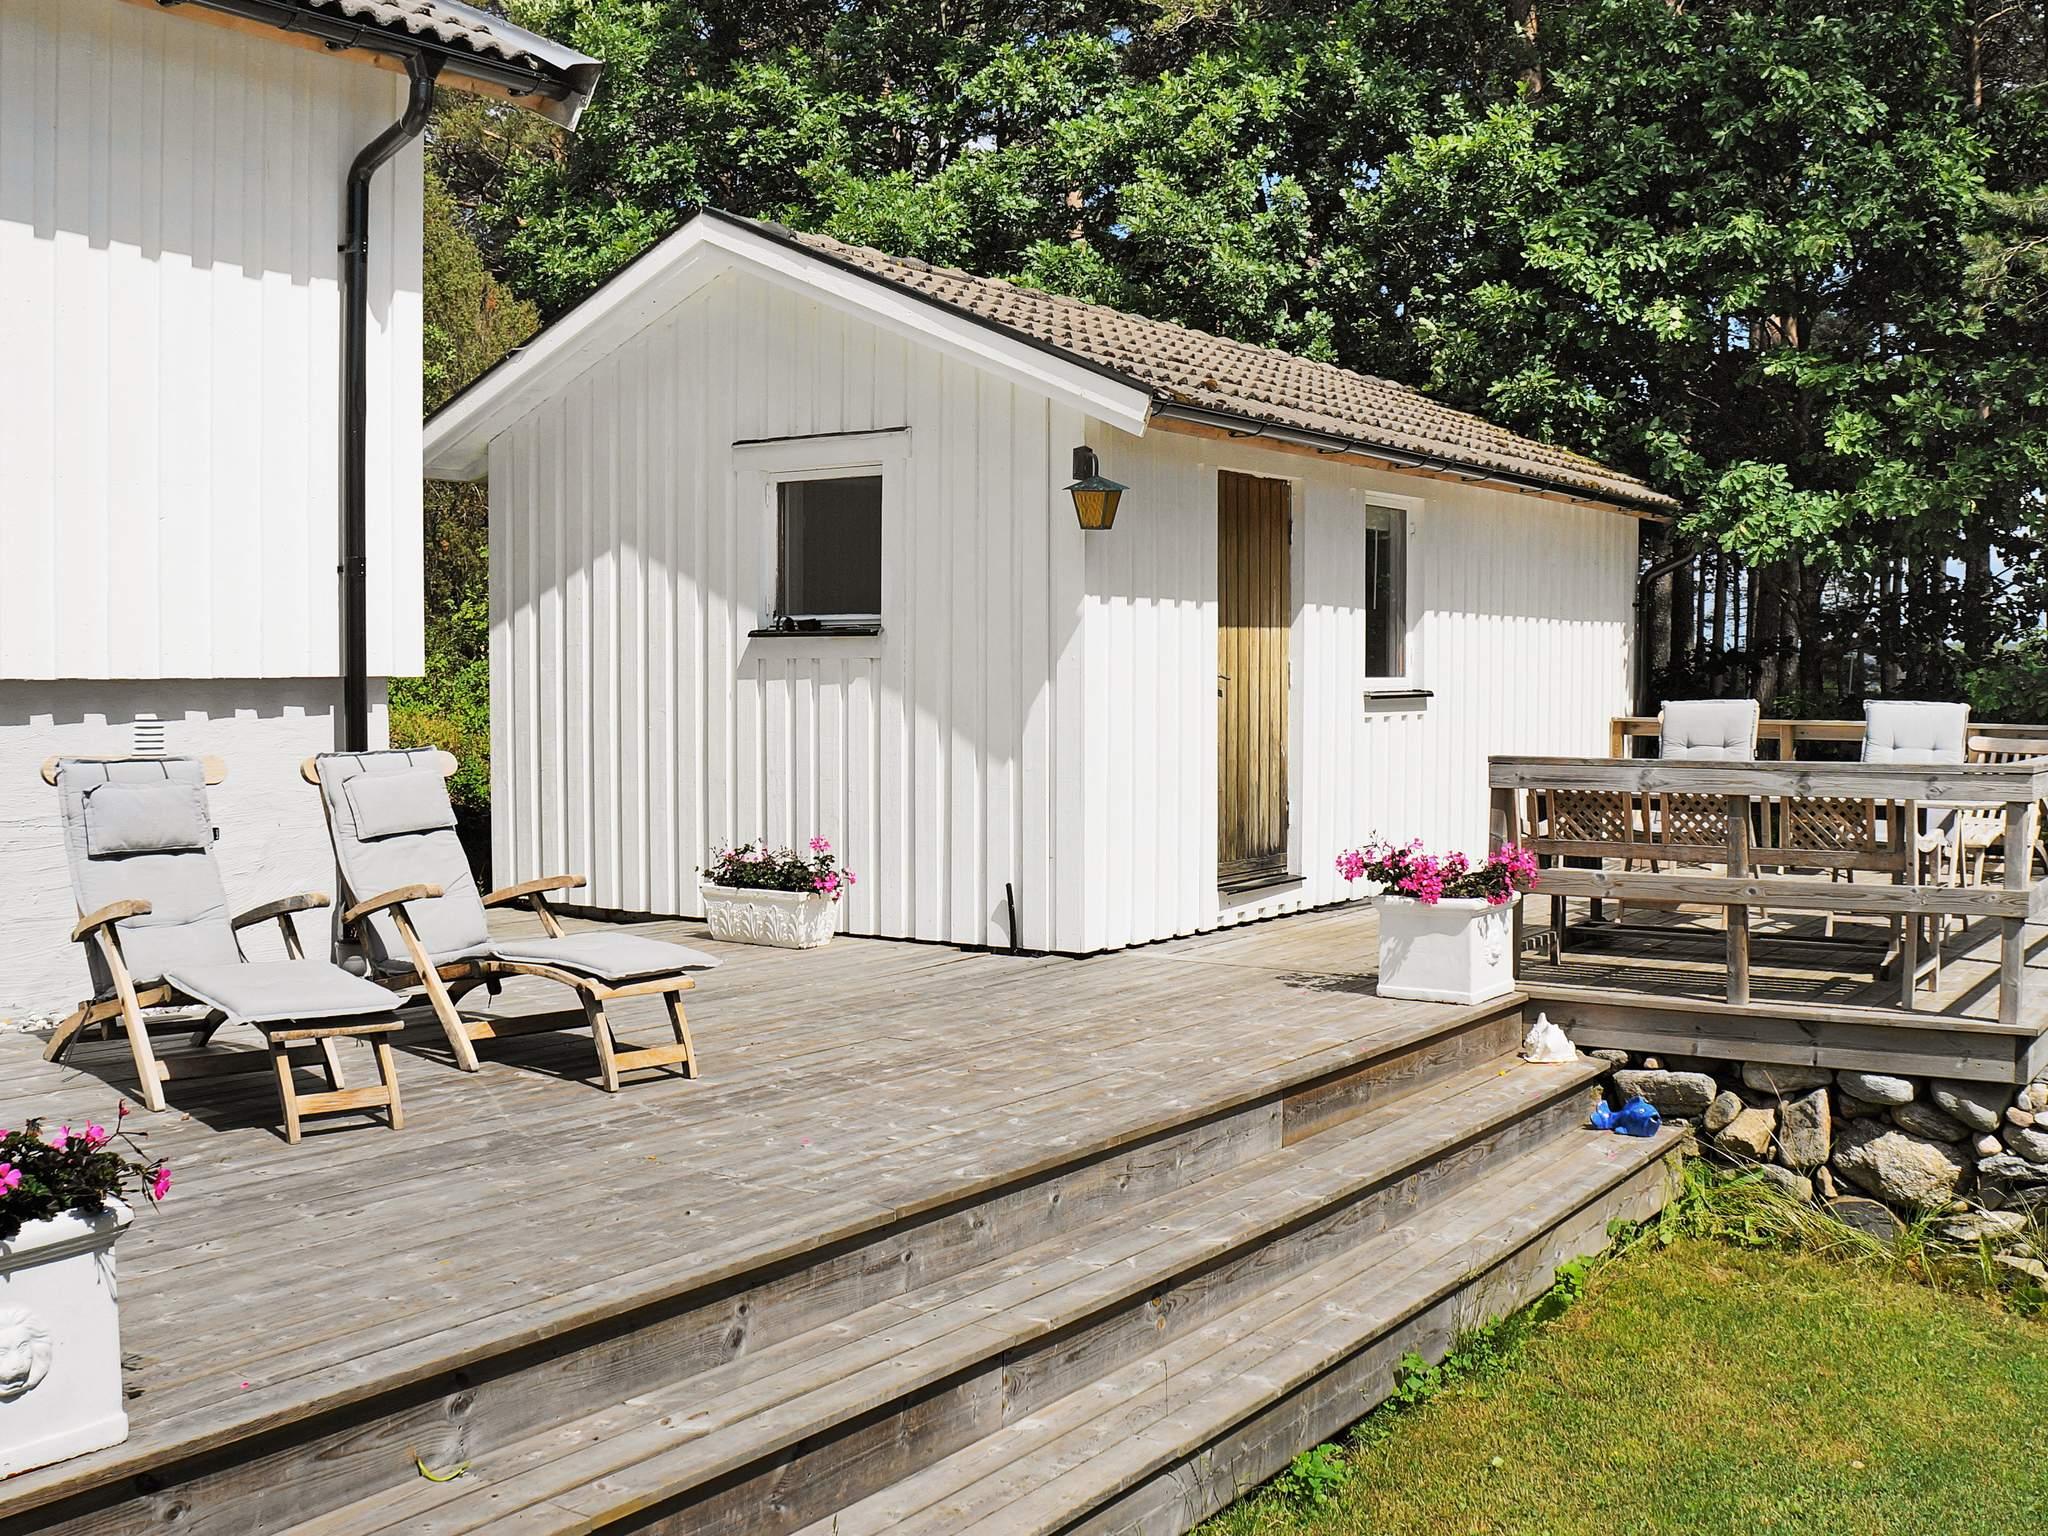 Ferienhaus Tjörn/Hakenäset (963493), Hakenäset, Tjörn, Westschweden, Schweden, Bild 15